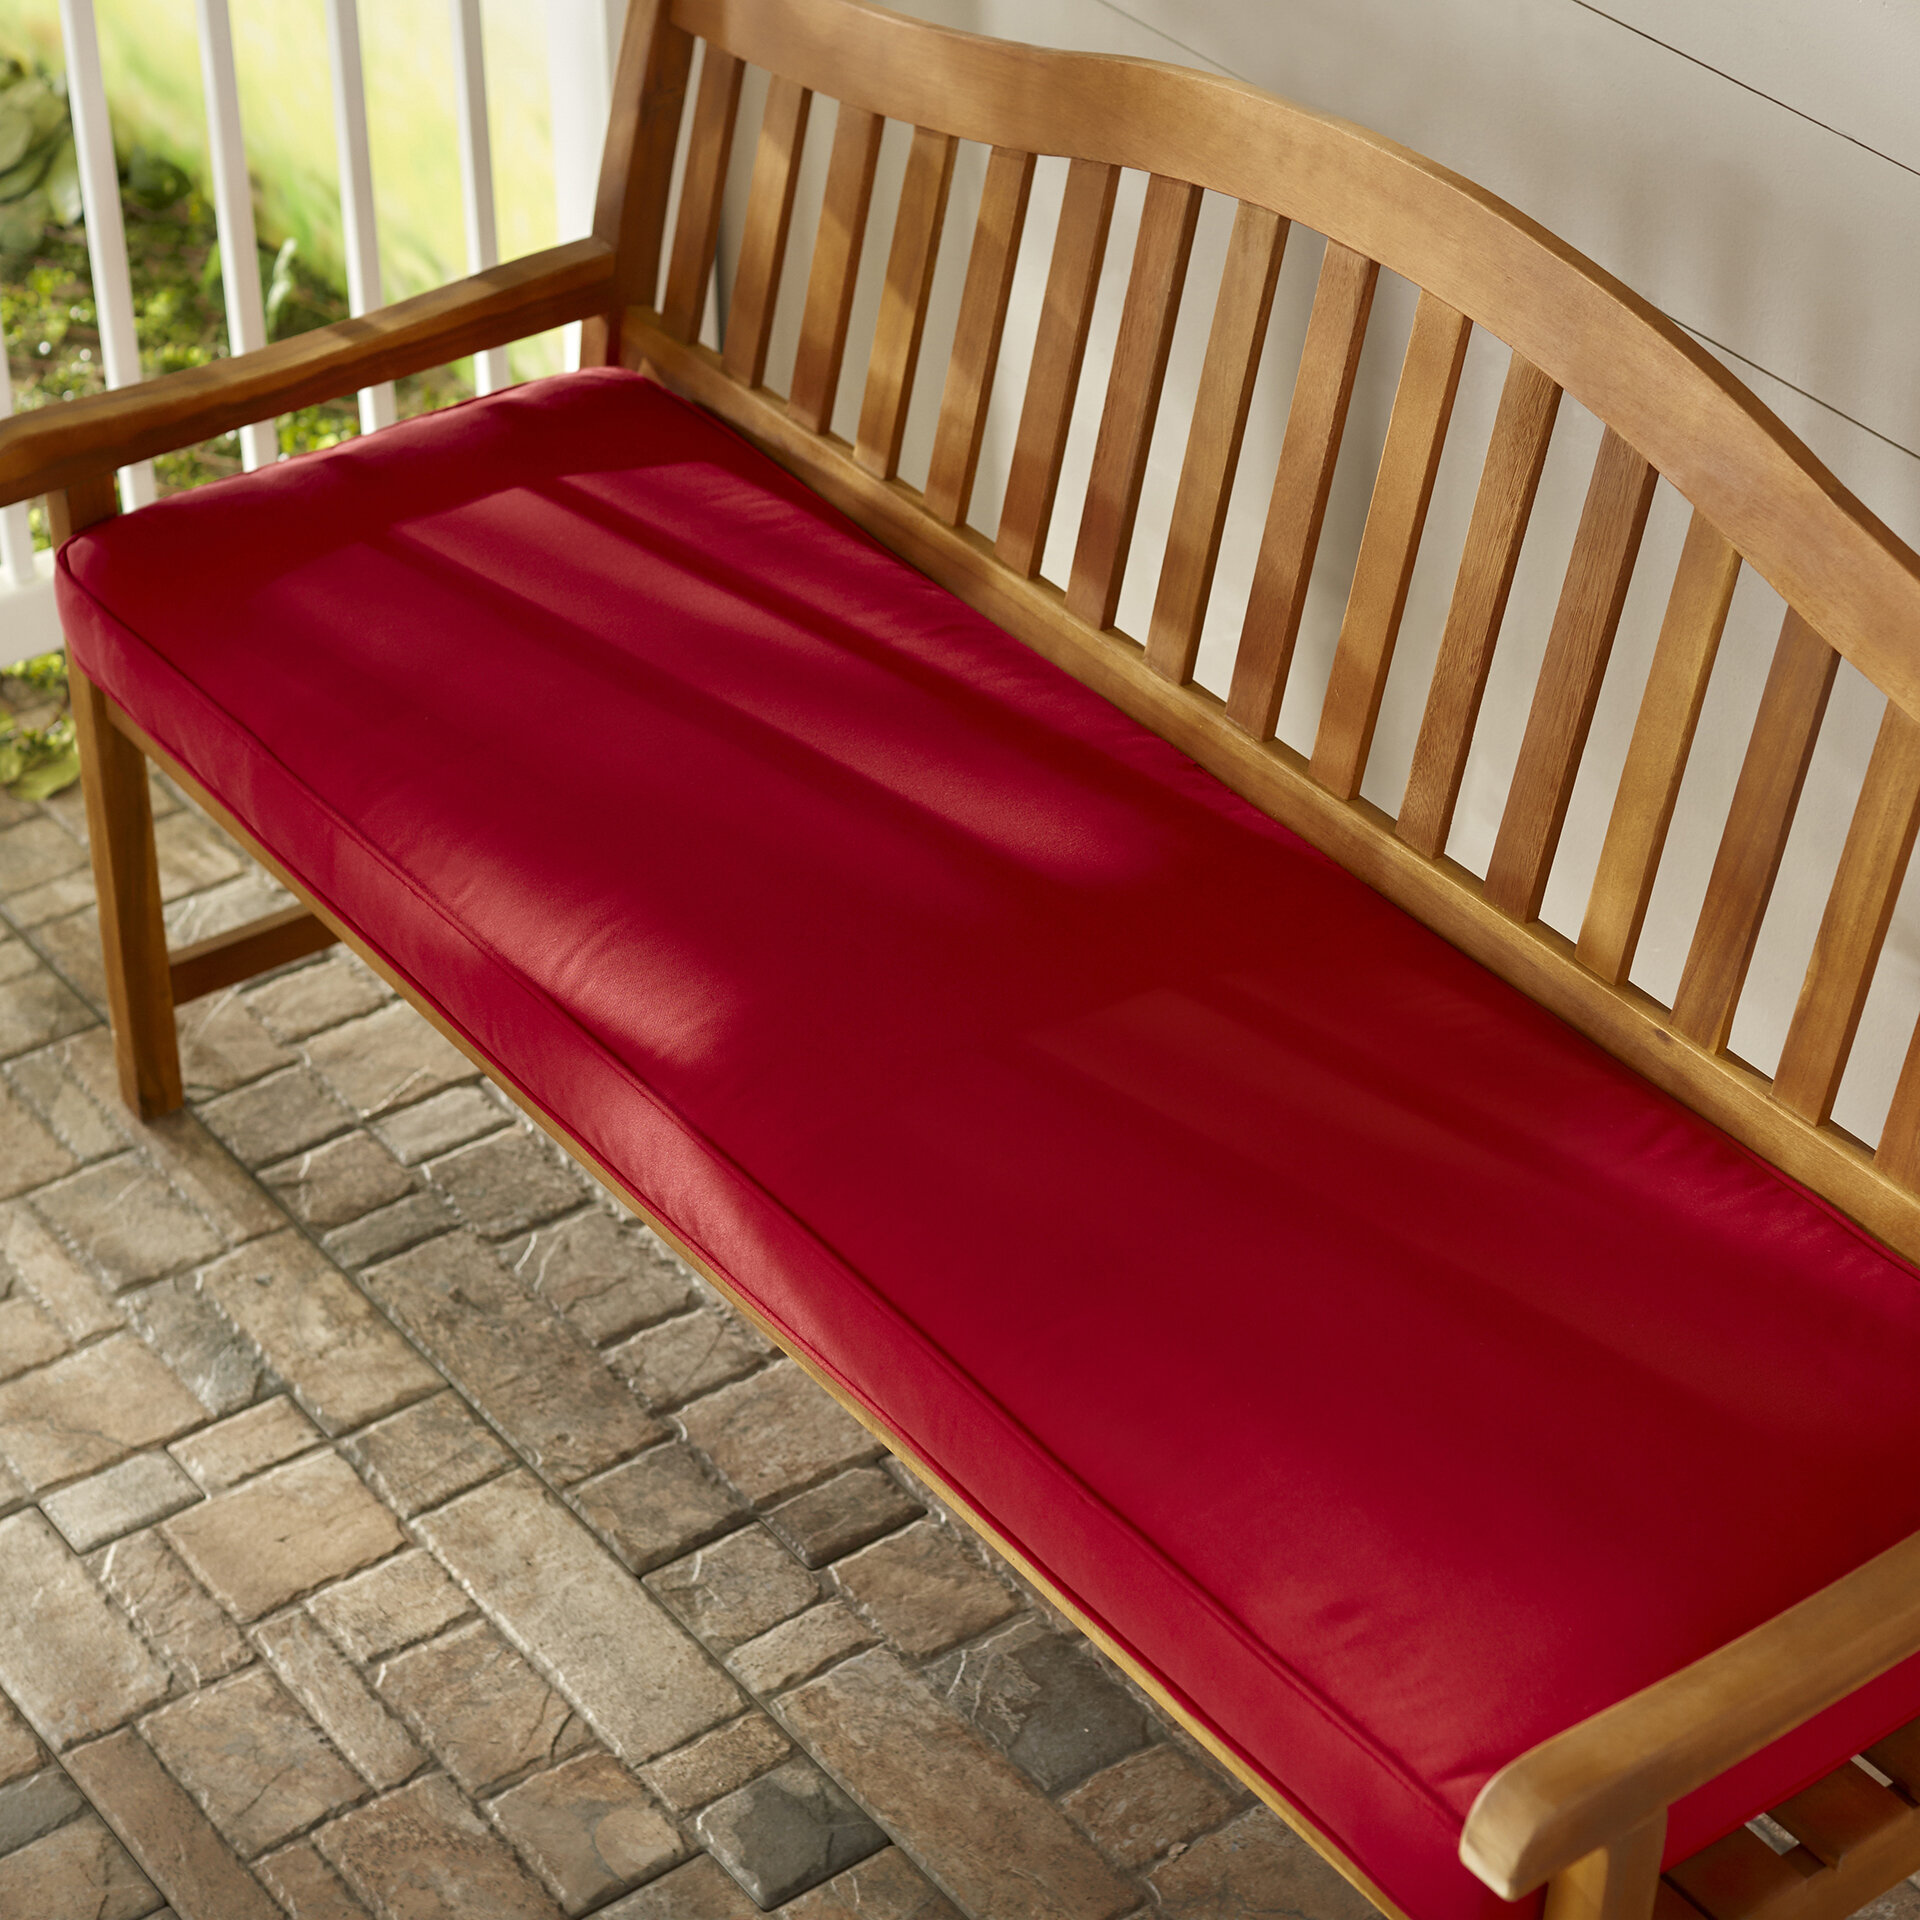 Telleman Indoor Outdoor Sunbrella Bench Cushion Reviews Joss Main